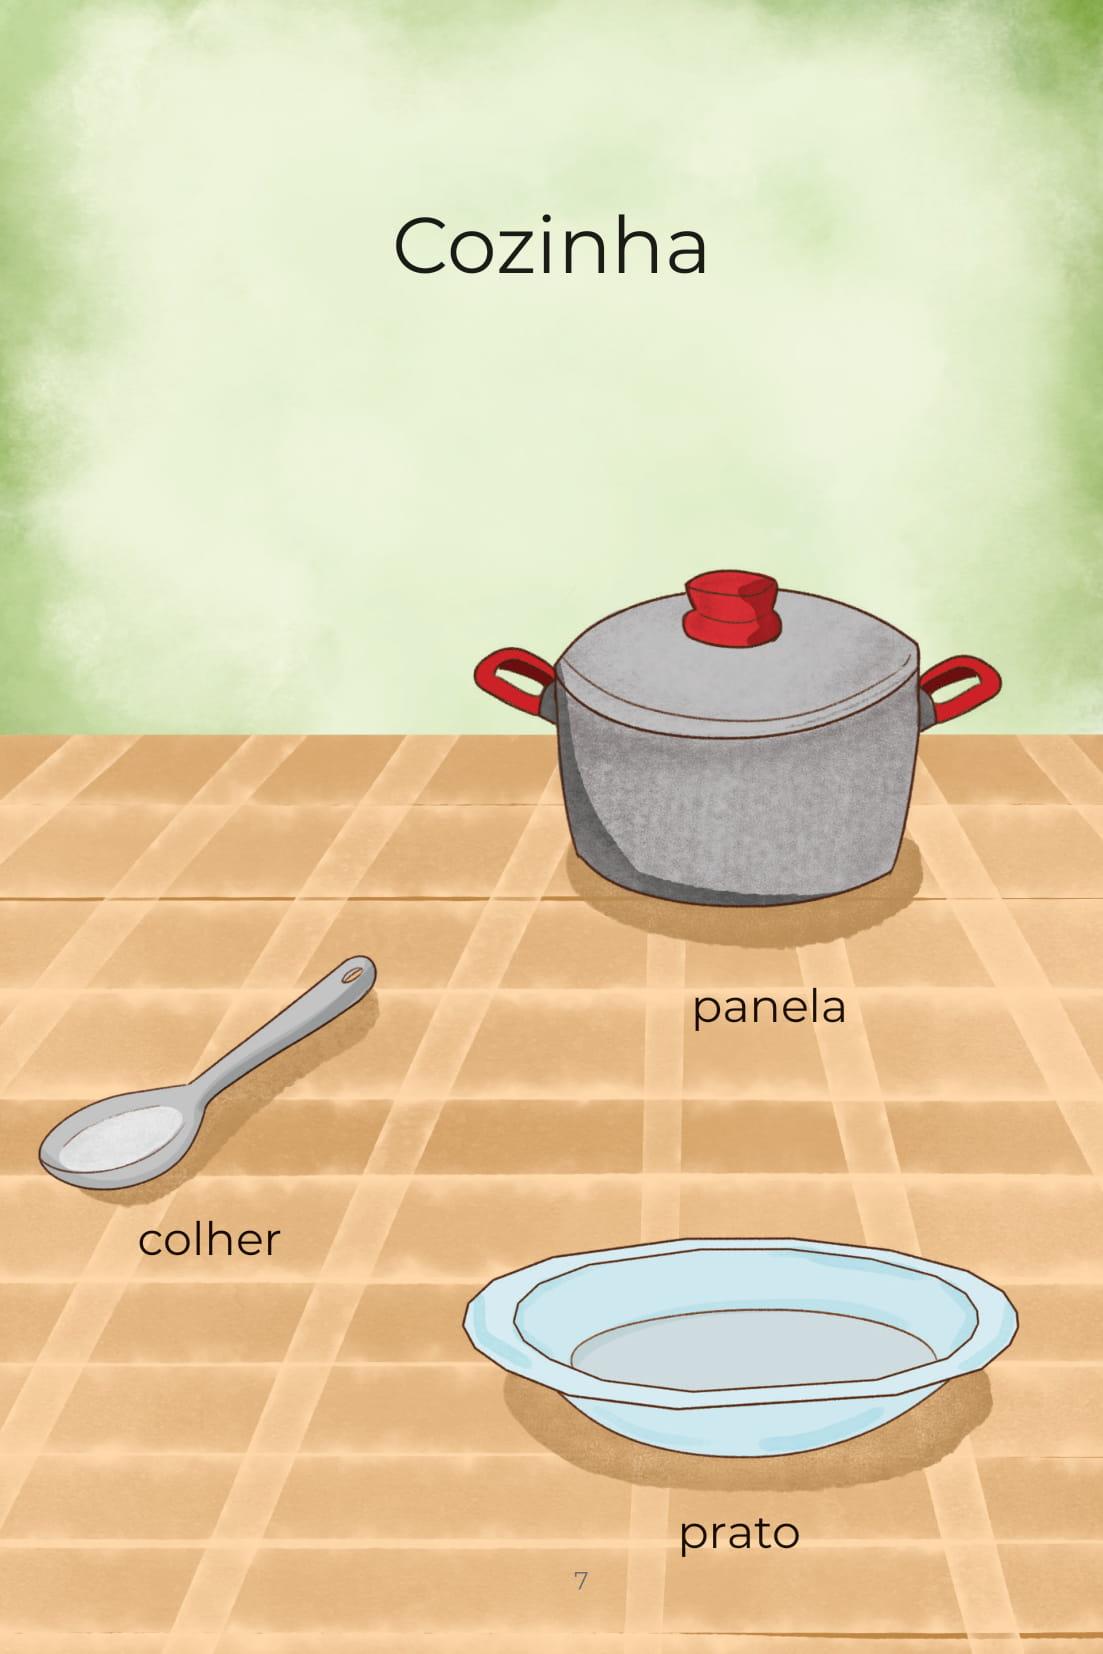 Cozinha panela colher prato